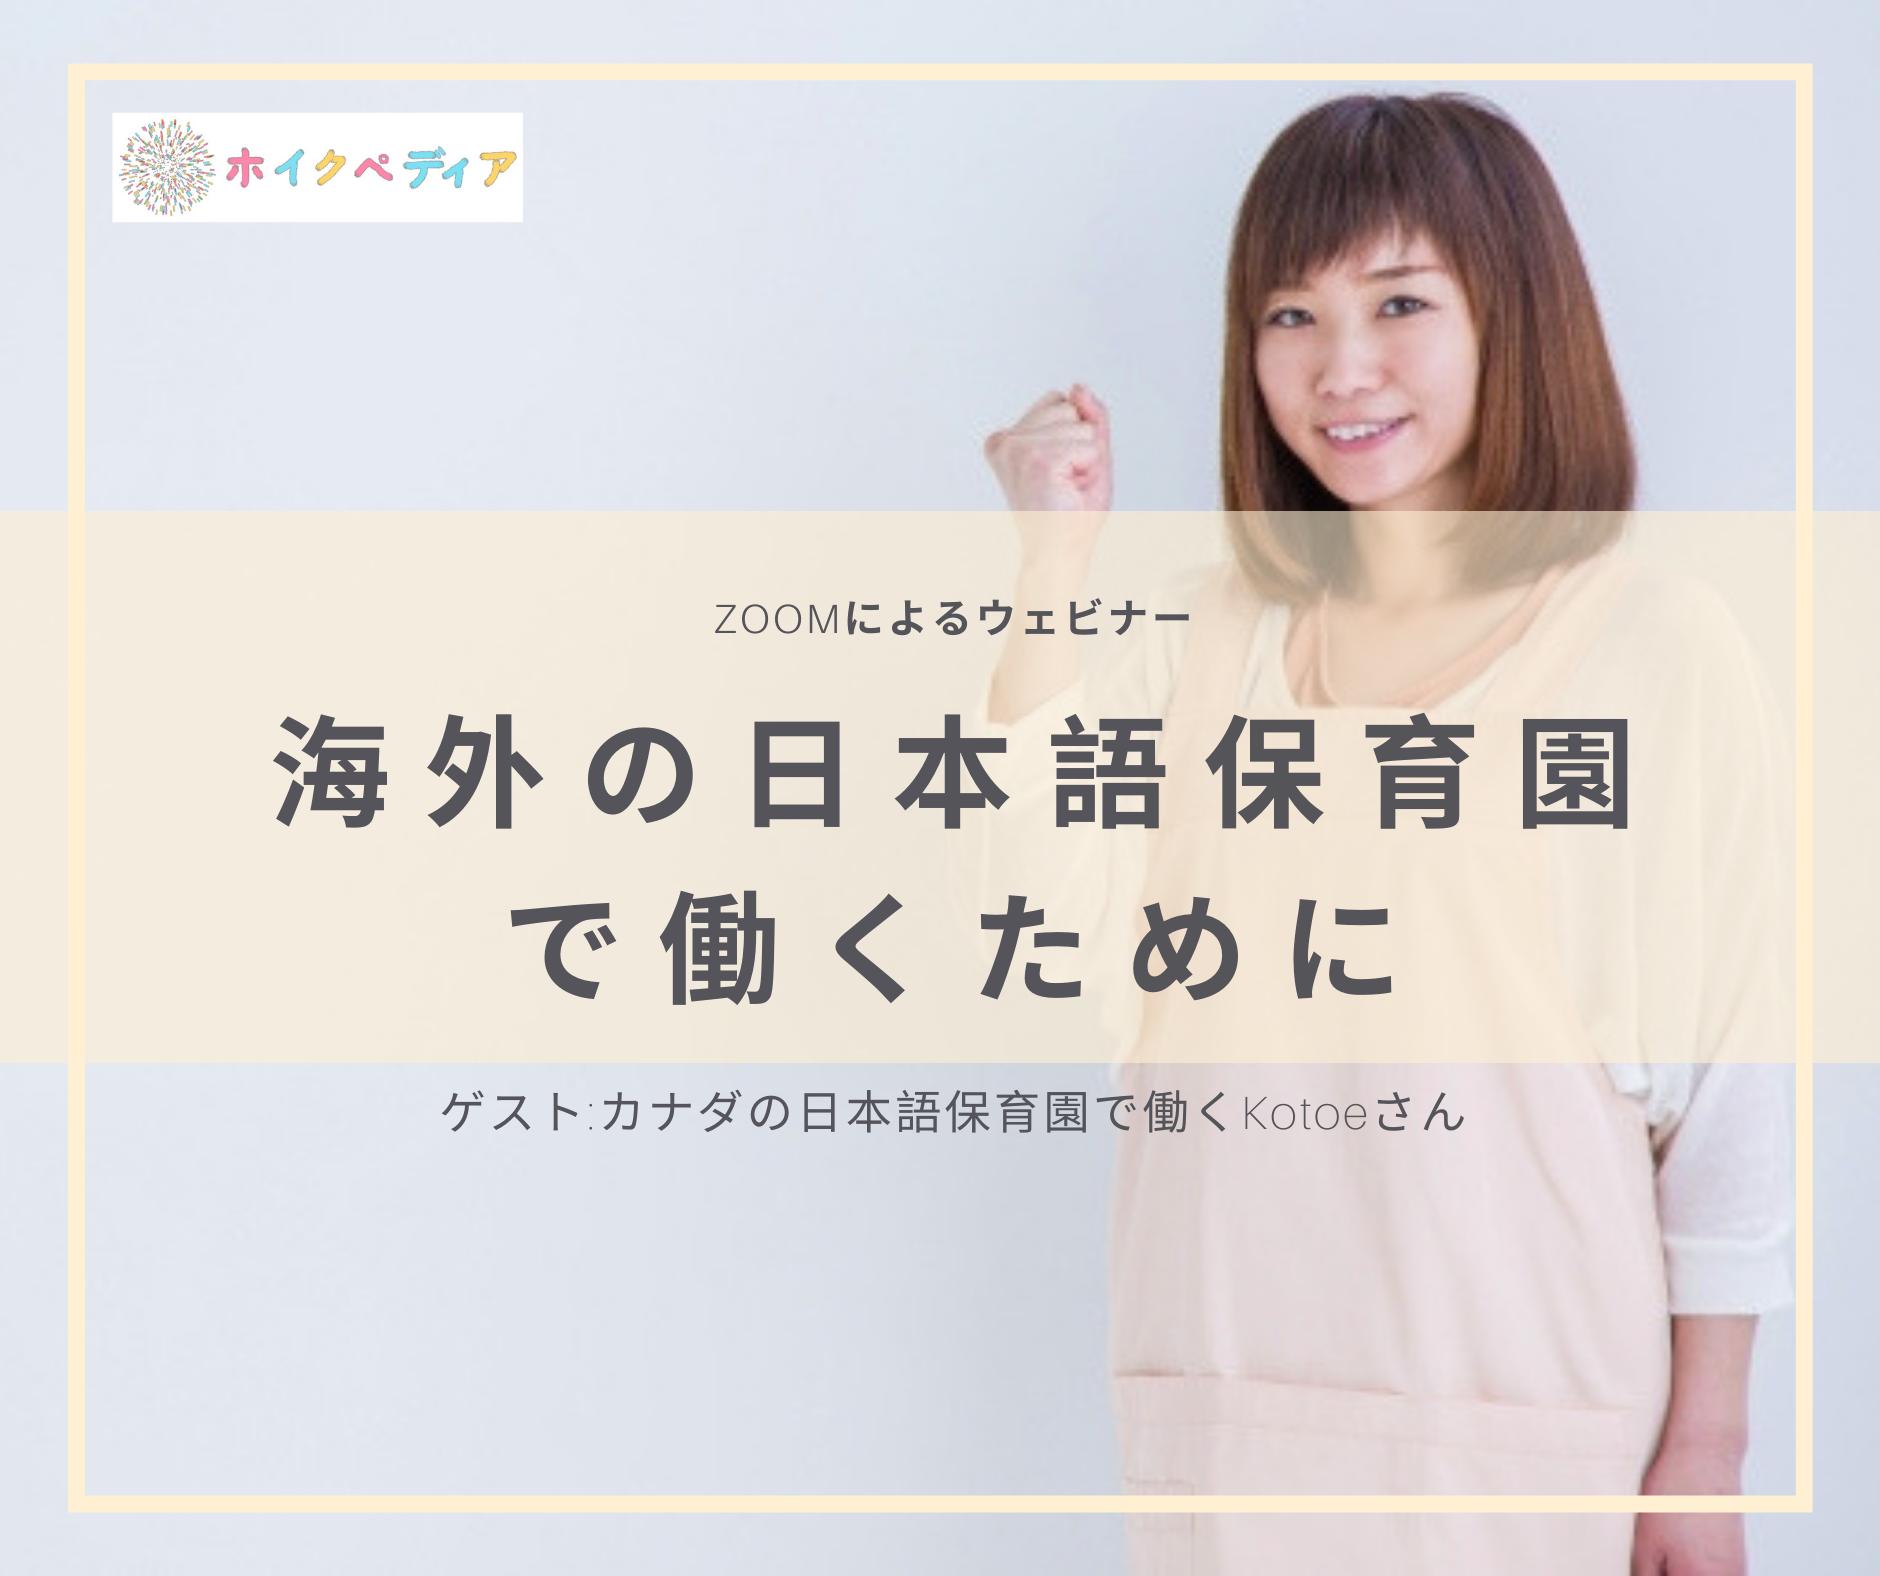 [動画]カナダの日本語保育園で働くには!Kotoeさんに聞いてみた!